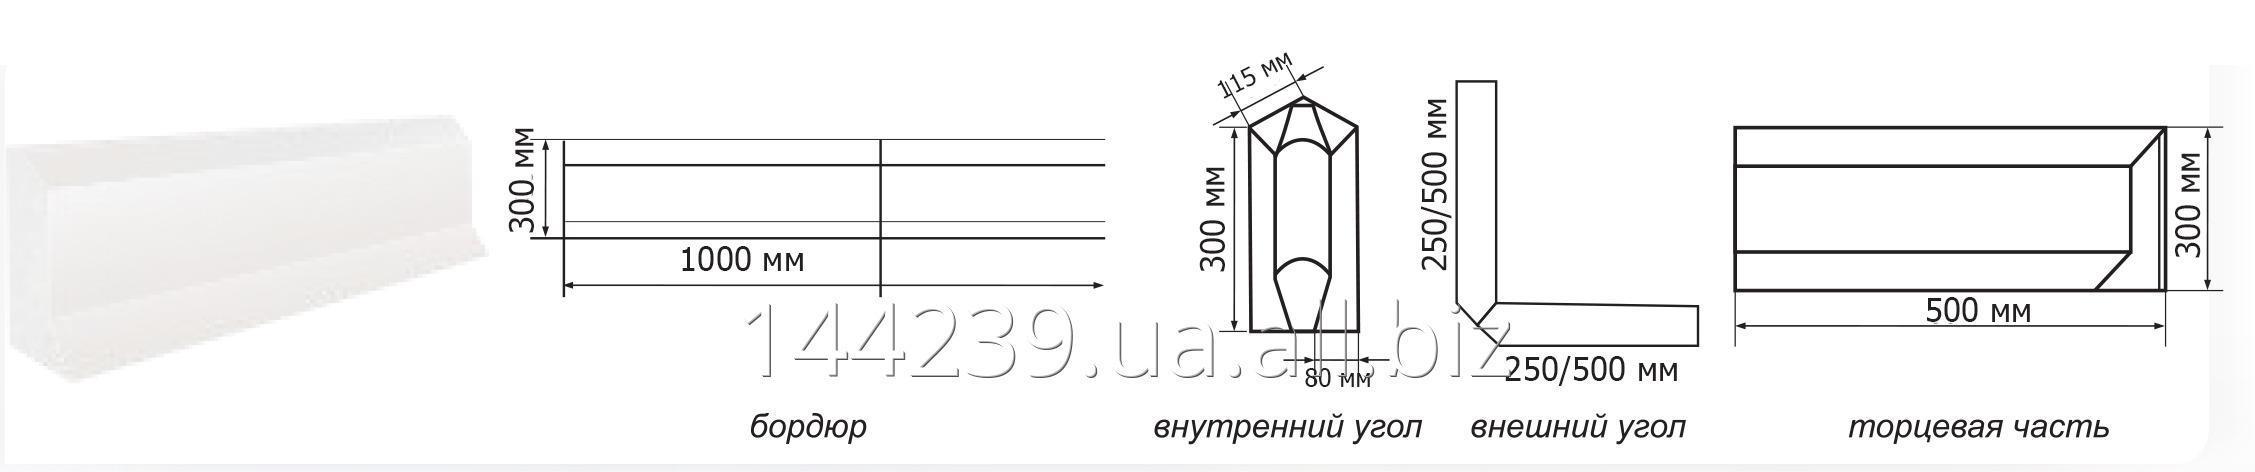 zashhitnyj_bordyur_br_30